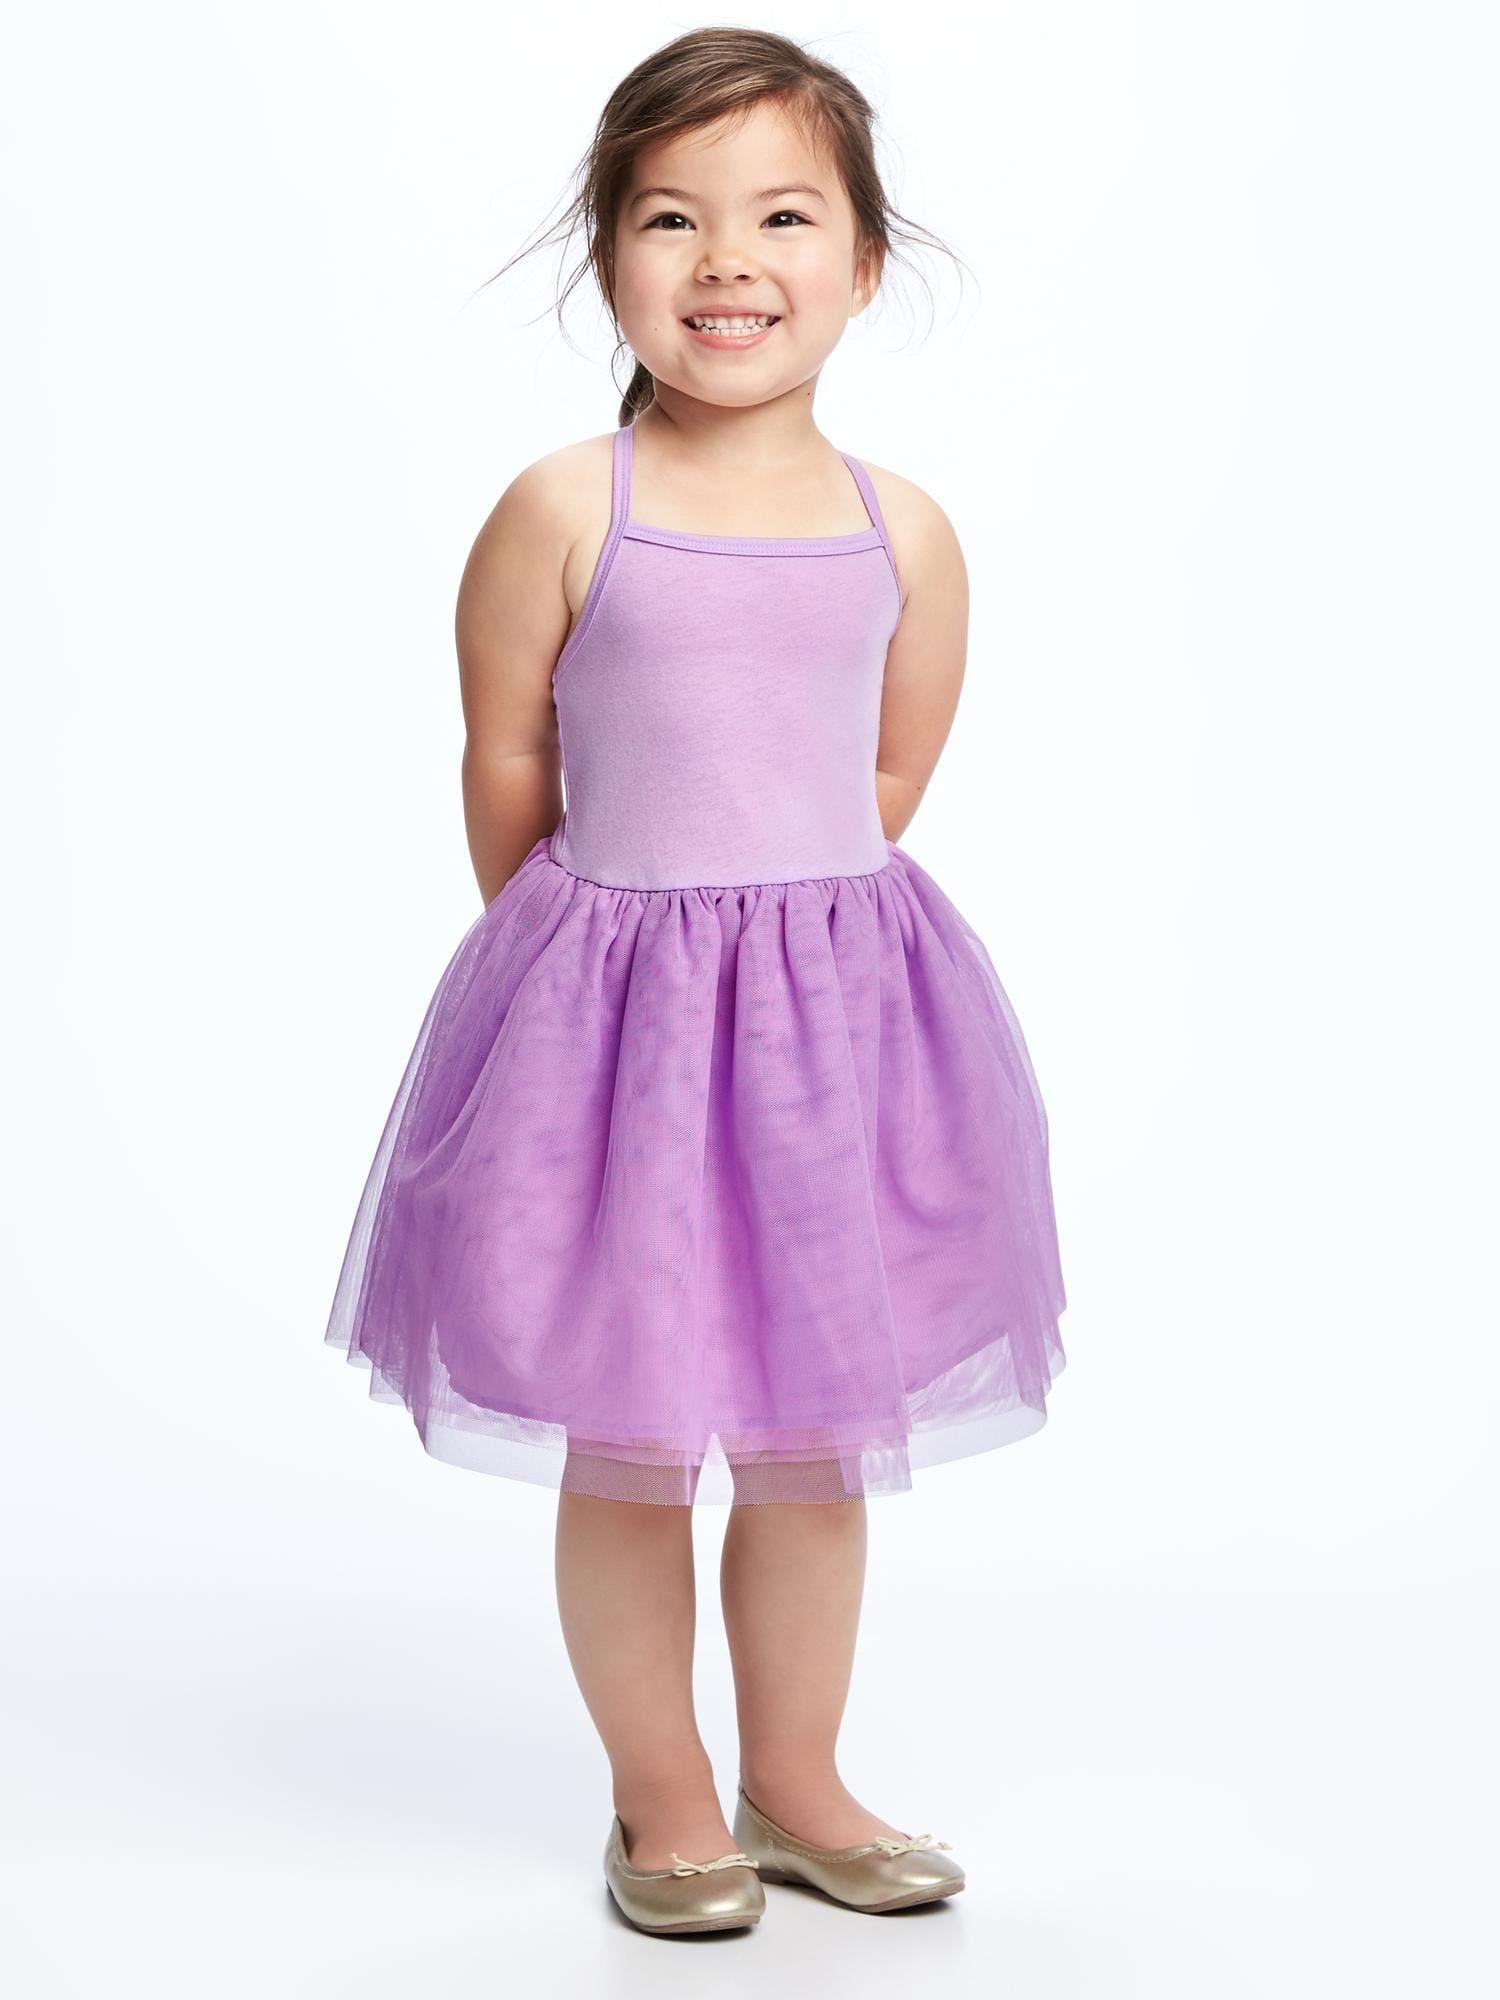 b9e89daaed Tutu Tank Dress - lilac